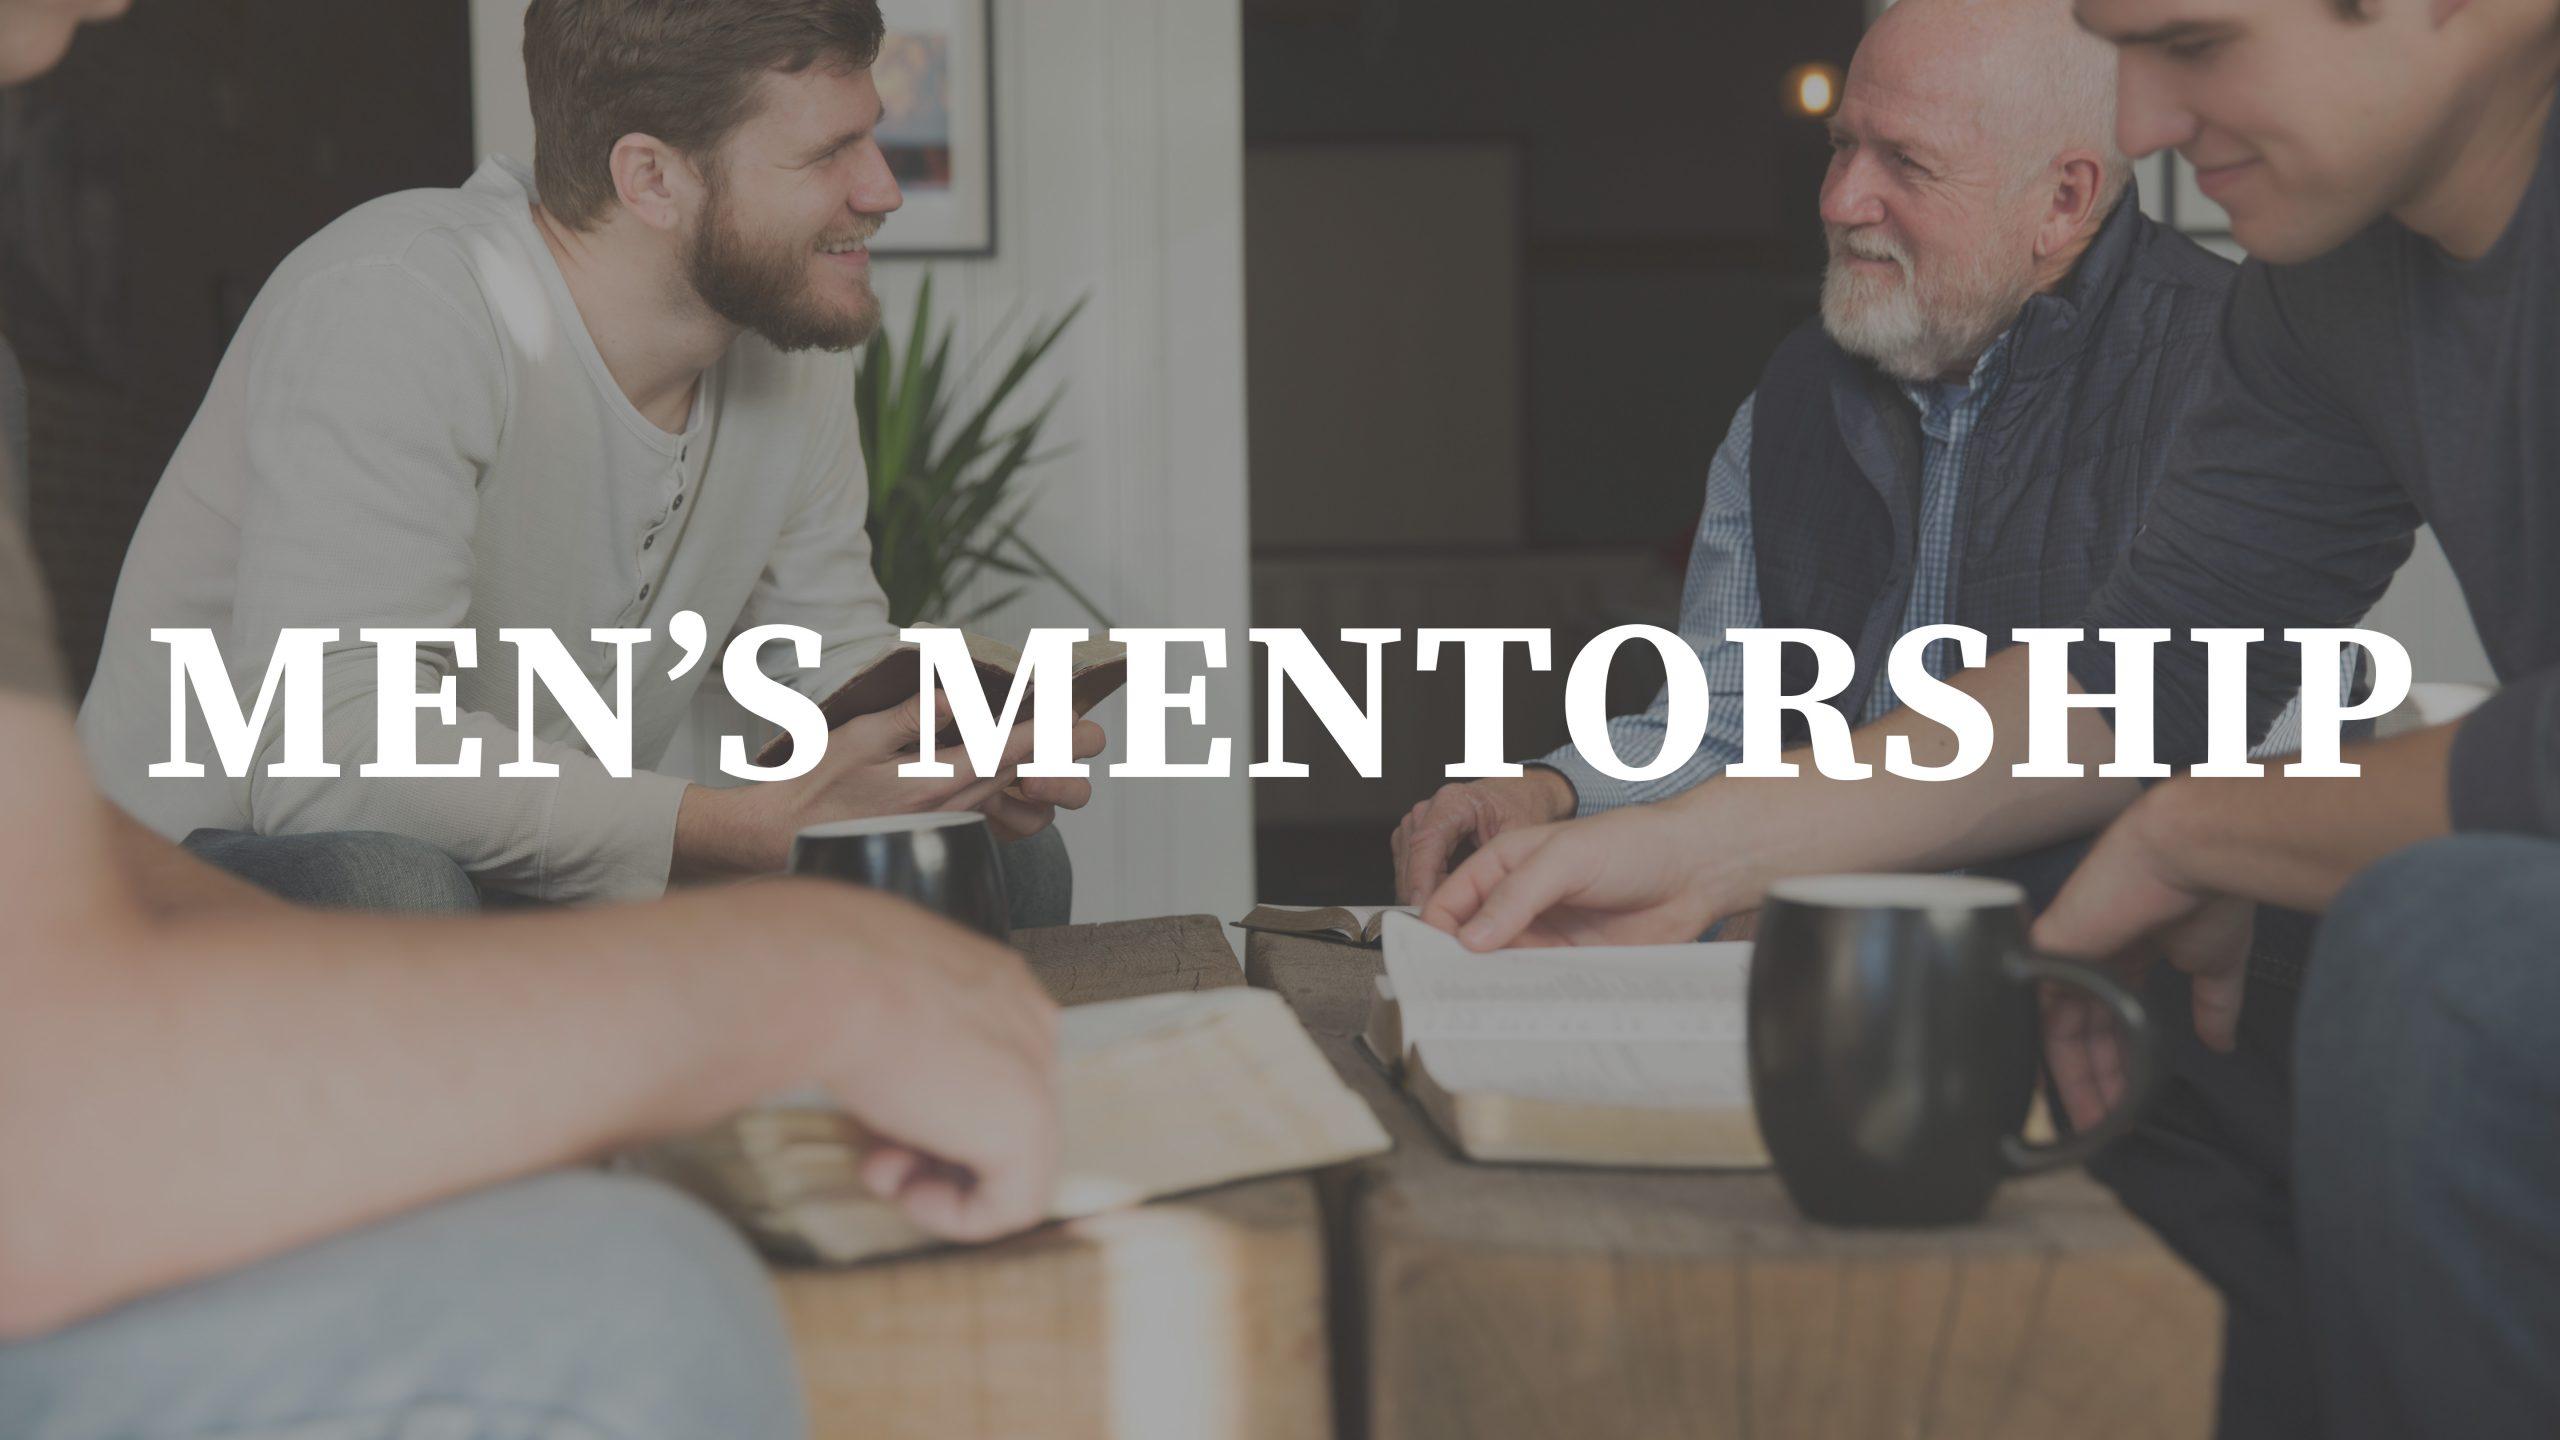 Men's Mentorship